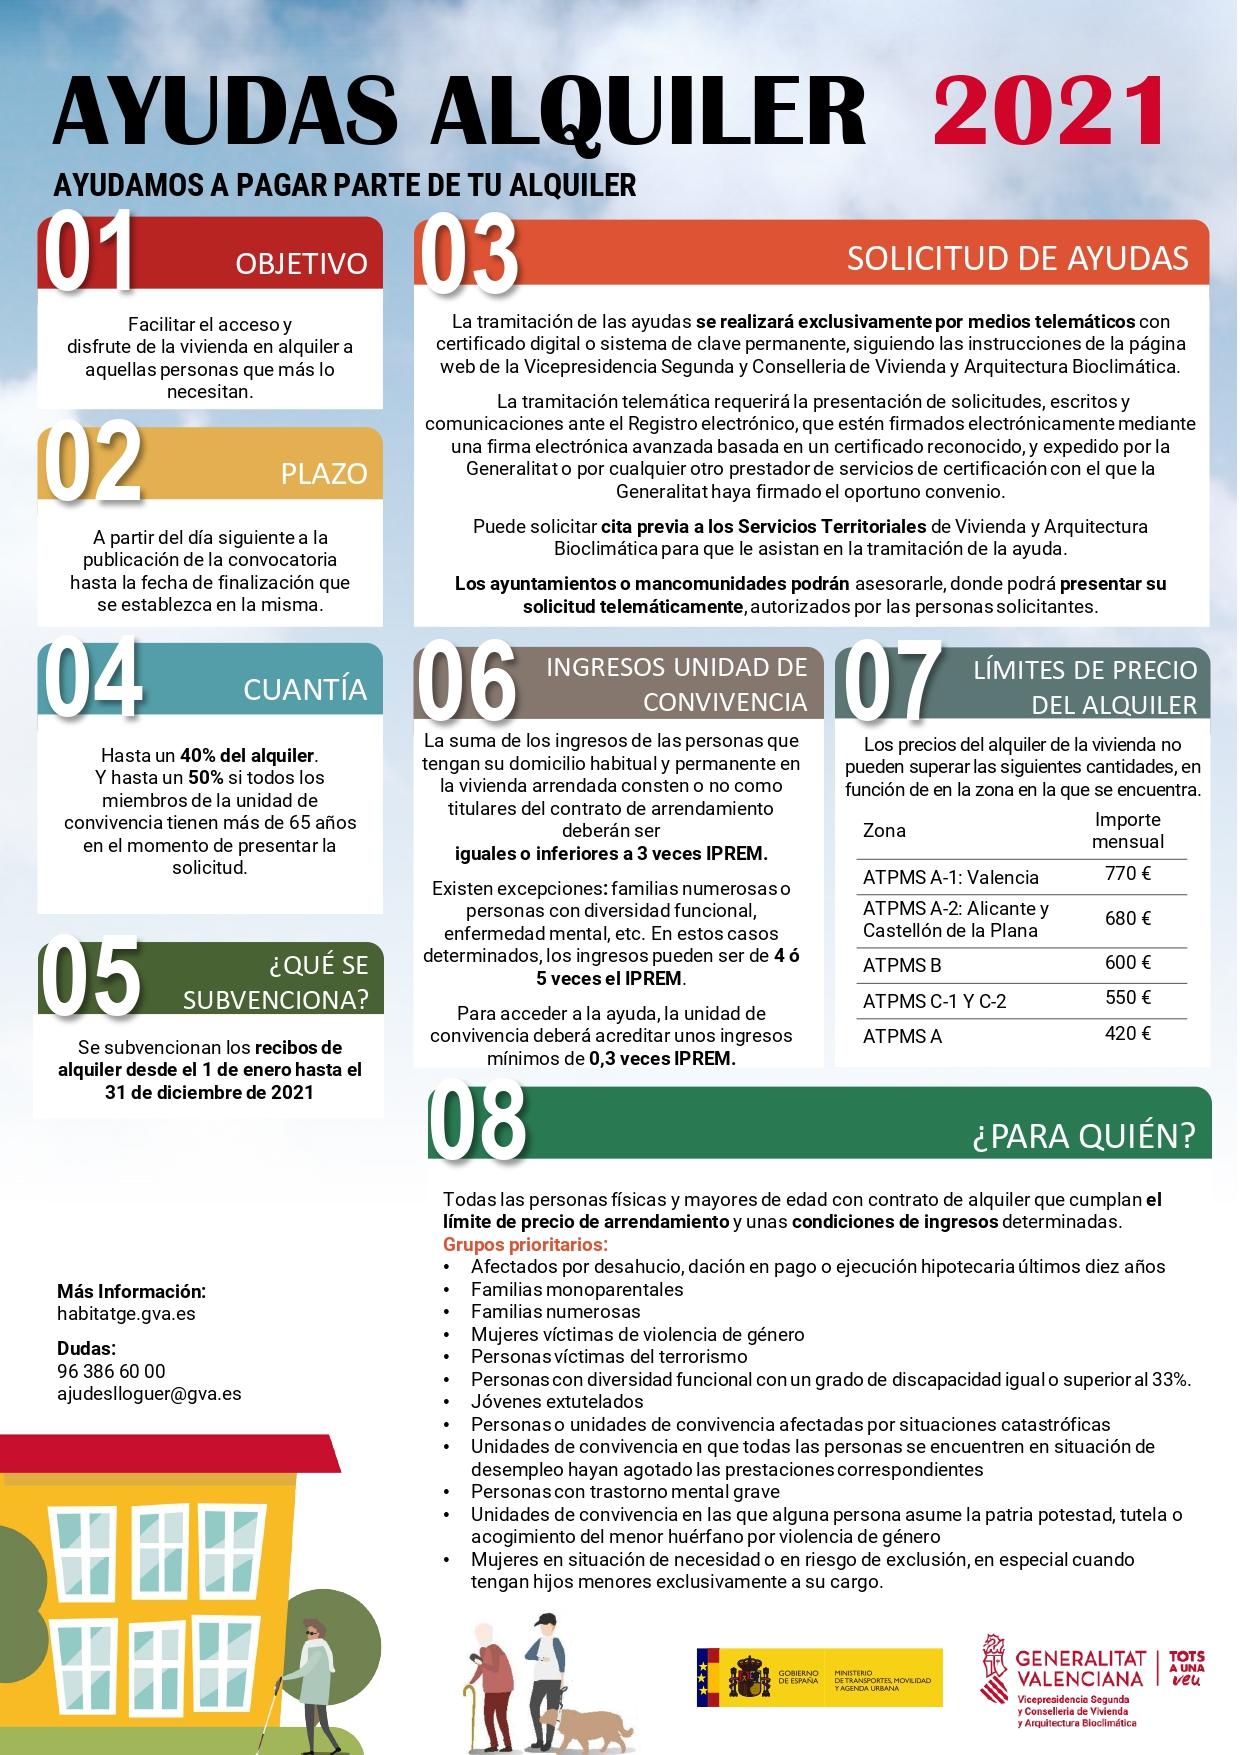 La Generalitat Valenciana publica las bases de las ayudas al alquiler y alquiler para jóvenes 2021